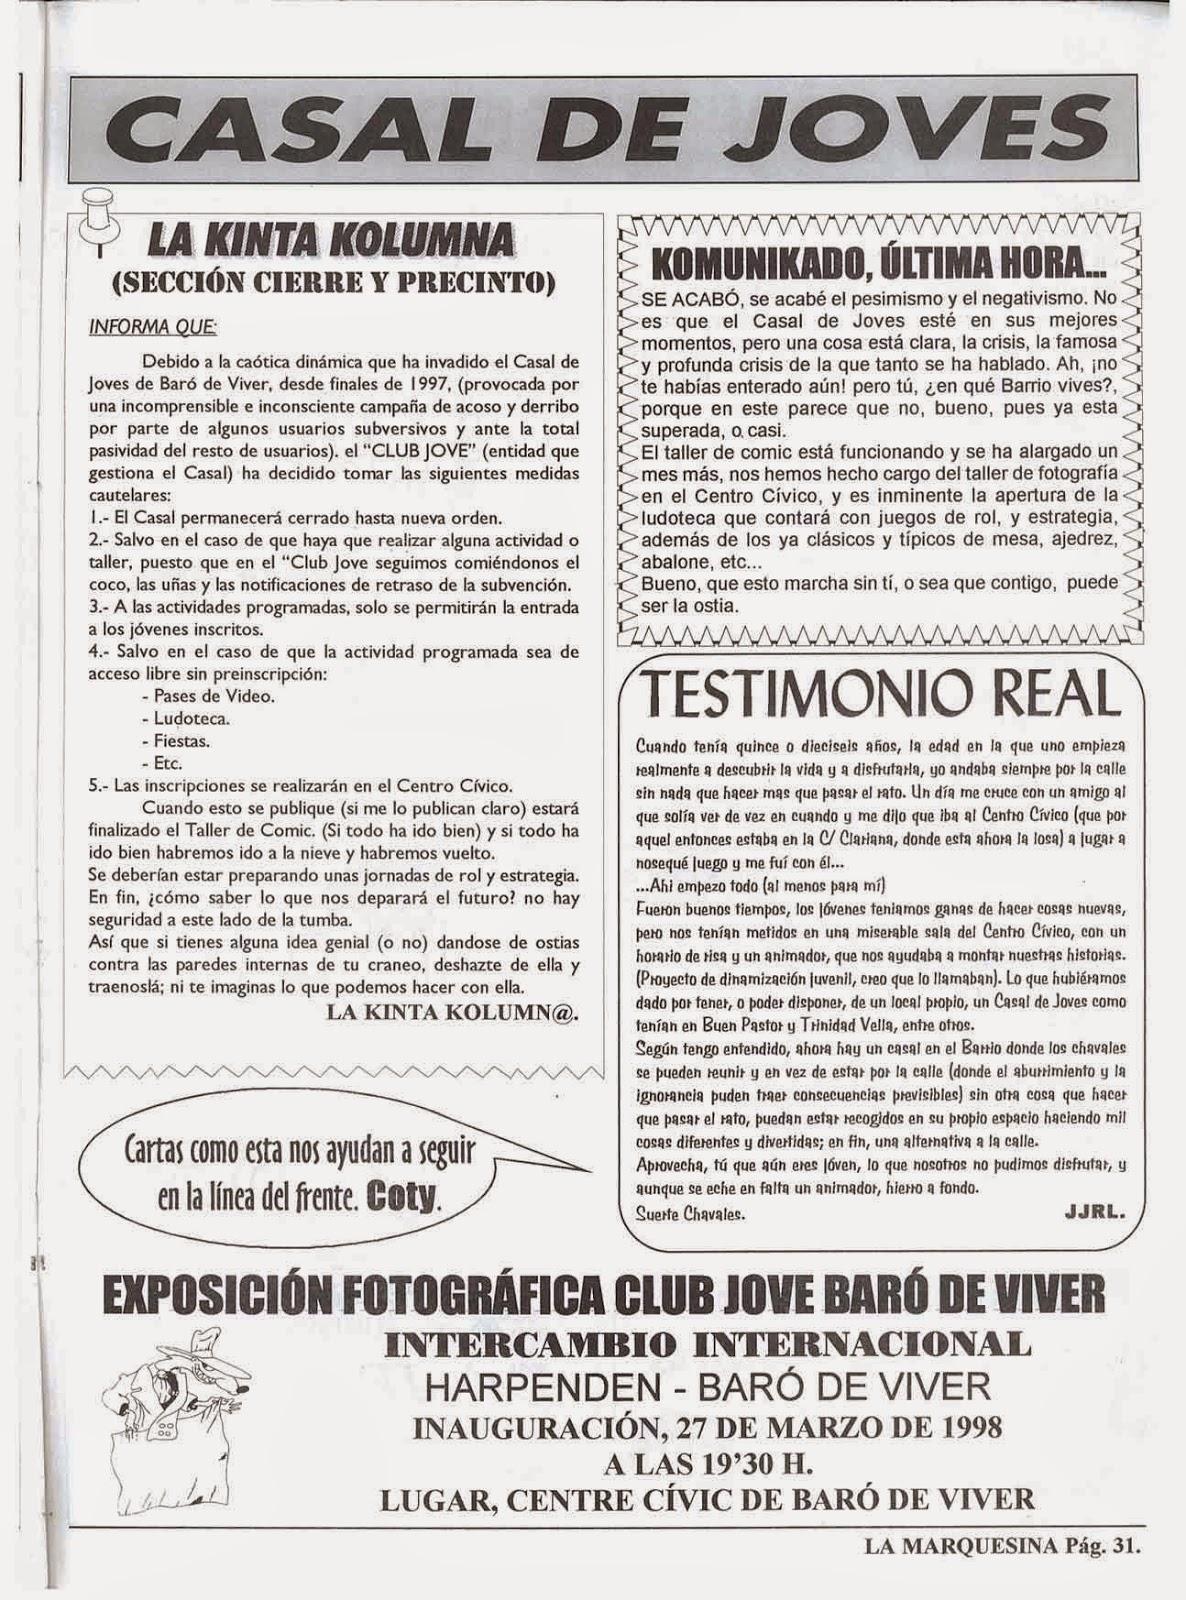 CLUB JOVE BARÓ DE VIVER